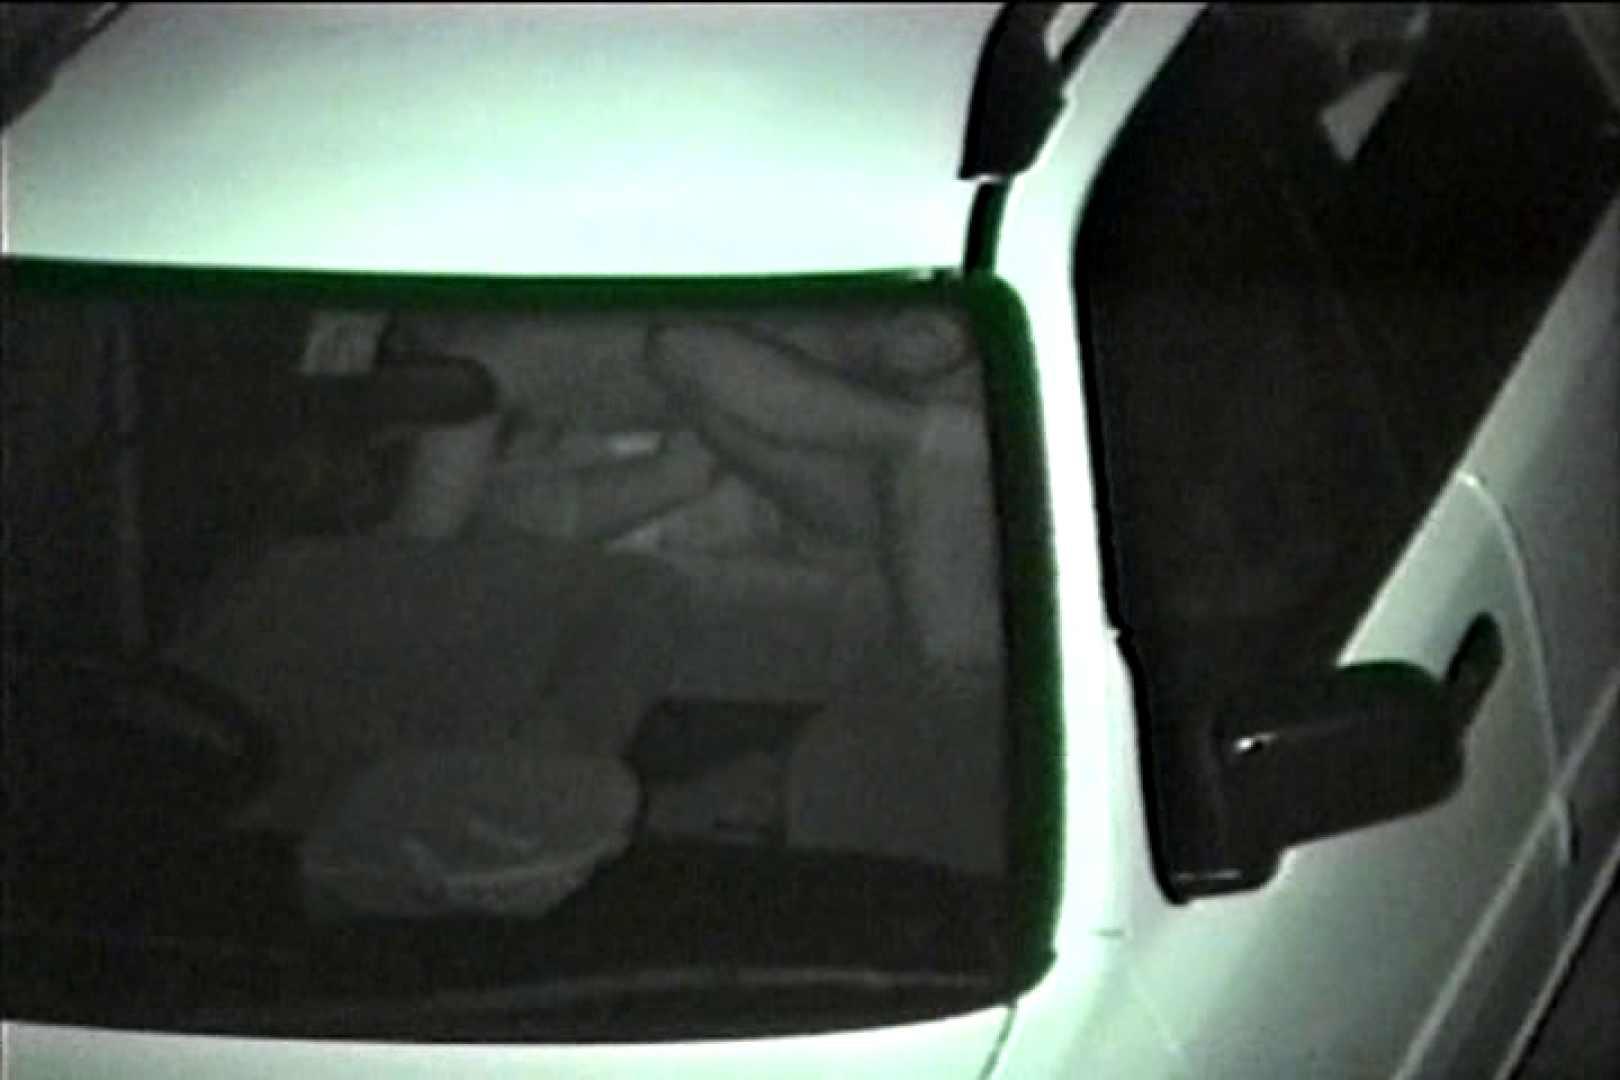 車の中はラブホテル 無修正版  Vol.7 接写 盗撮AV動画キャプチャ 41pic 27